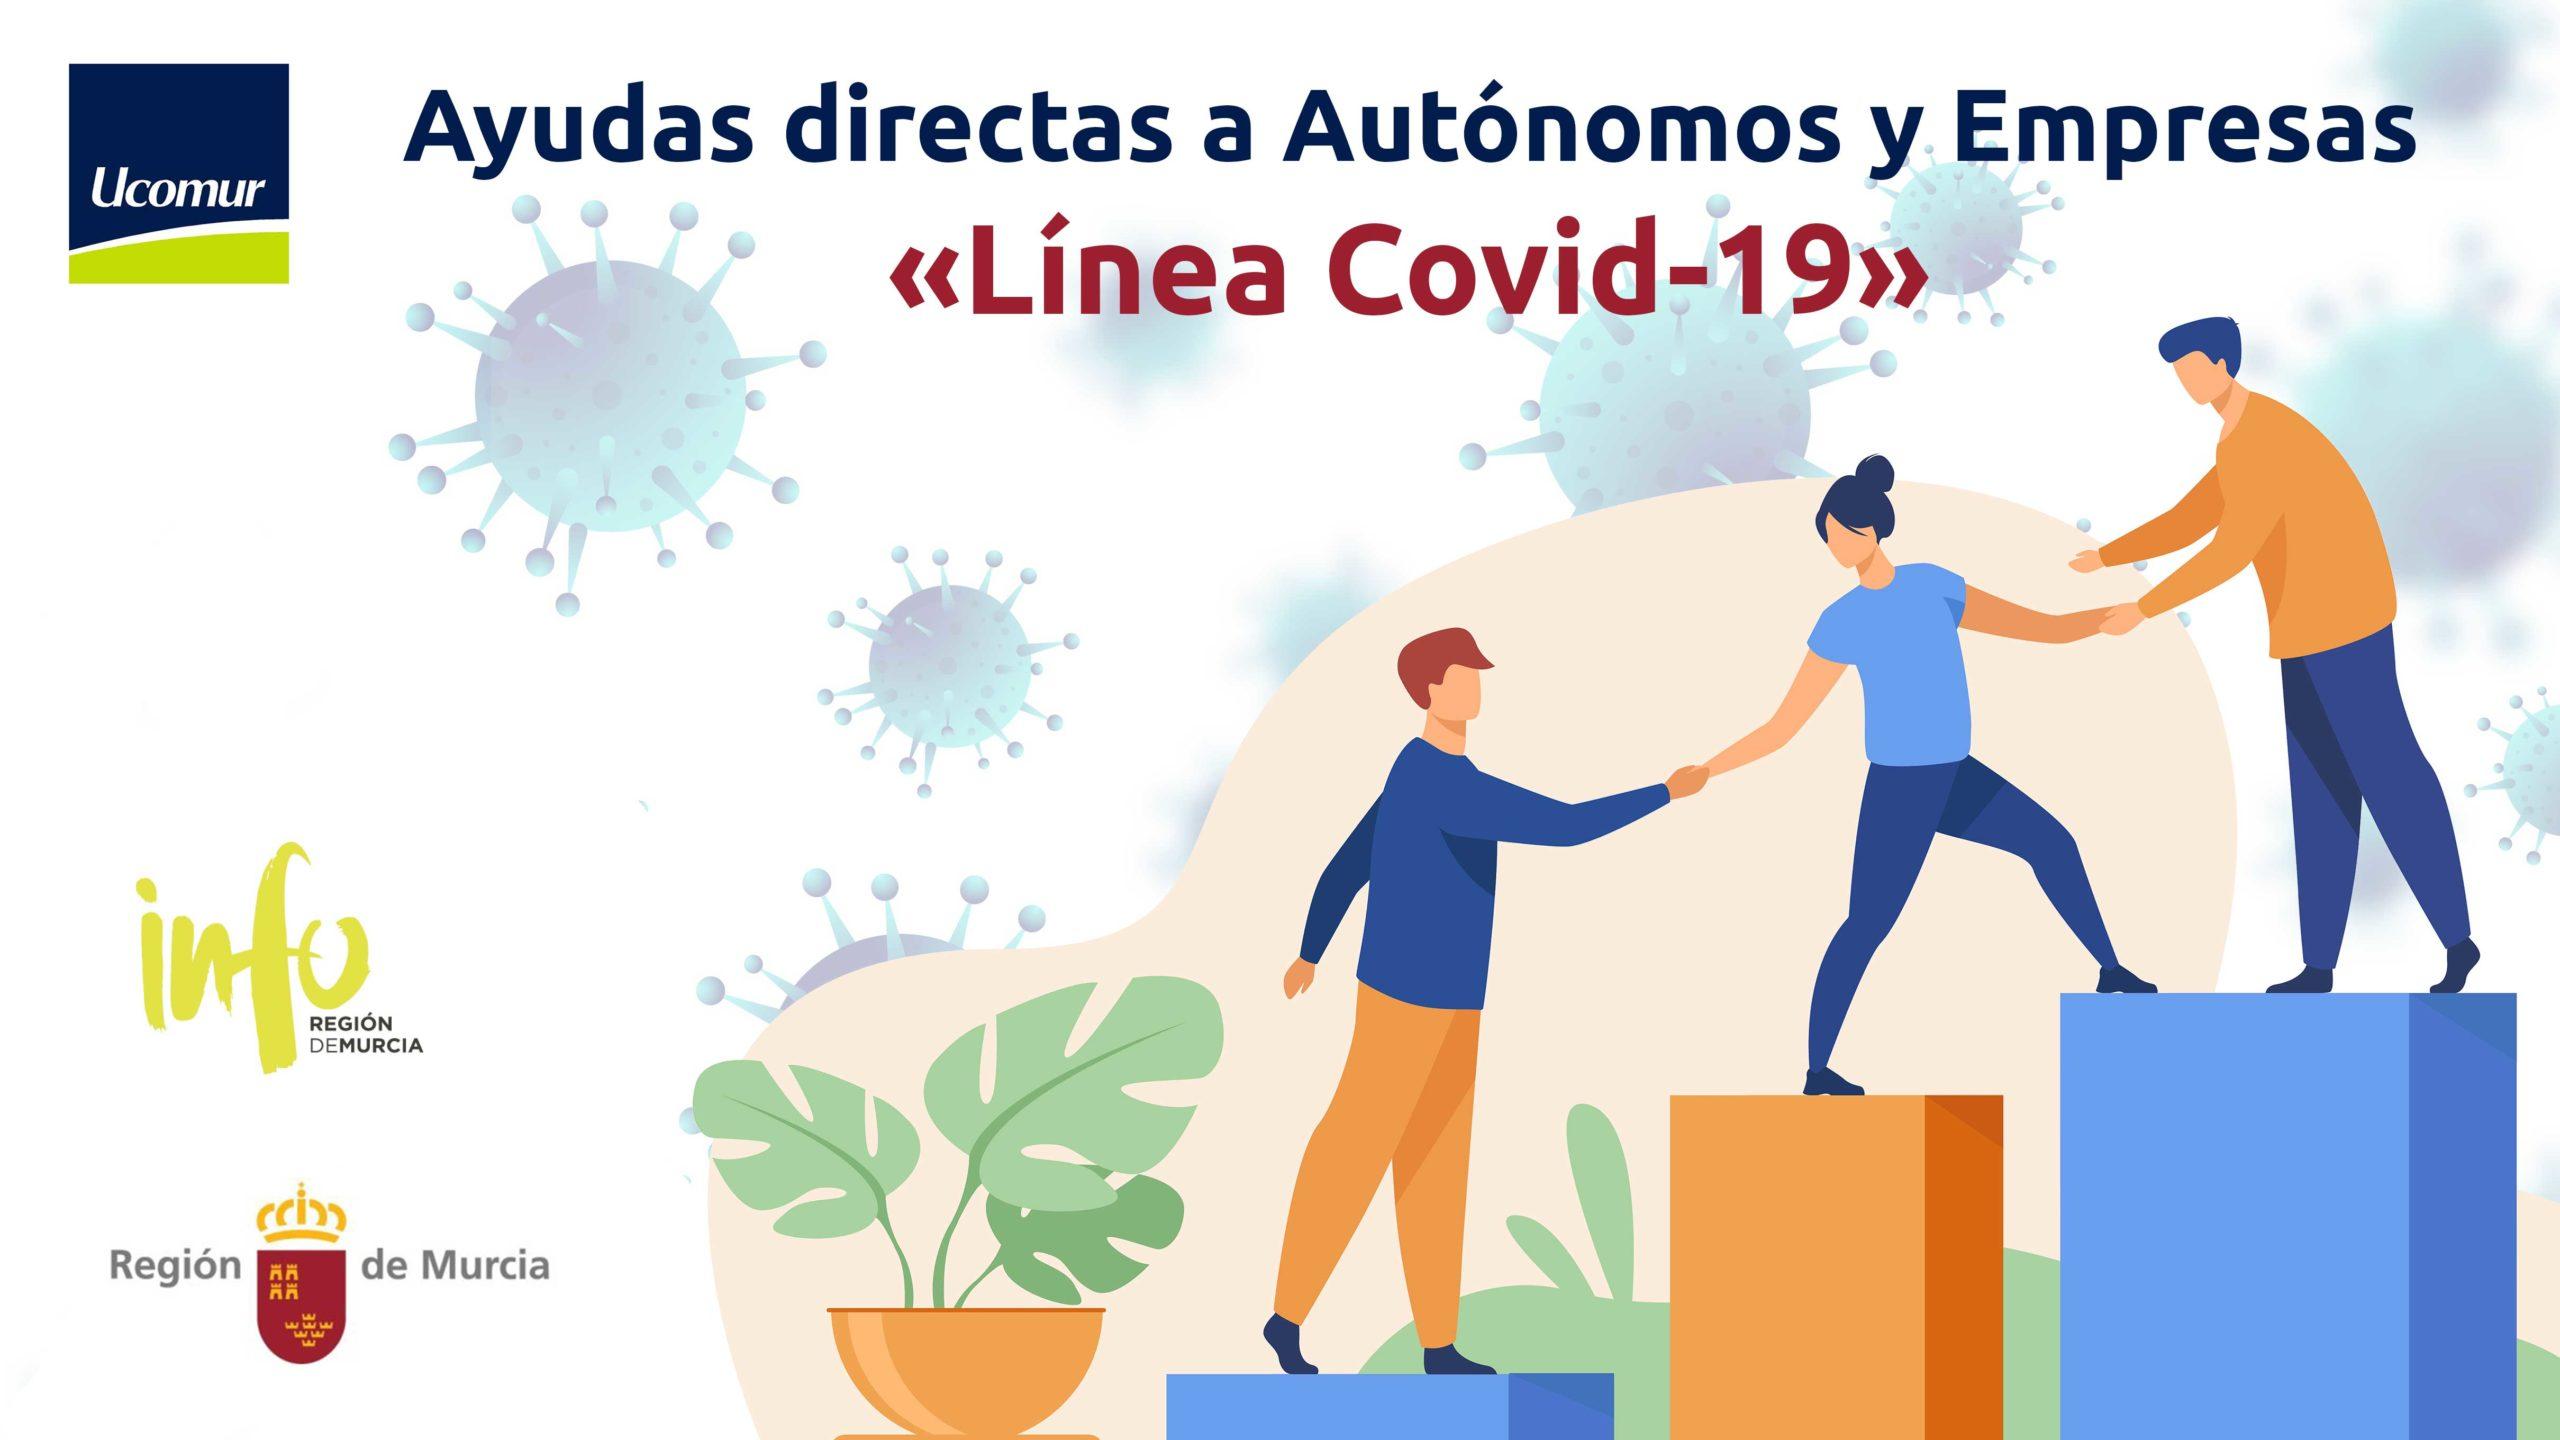 Ayudas directas a Autónomos y Empresas «Línea Covid-19»